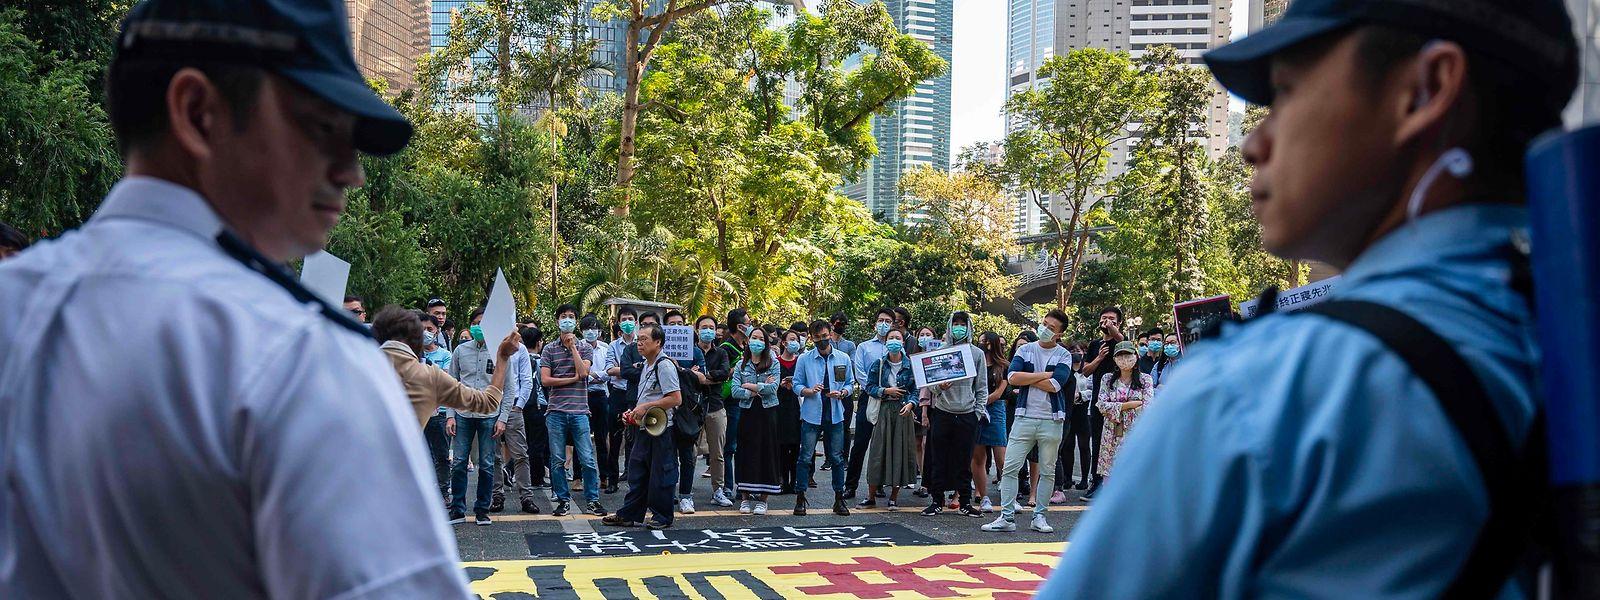 Unmiitelbar nach den Ankündigüngen aus Peking gingen in Hongkong wieder Tausende auf die Straße - trotz Protestverbot.